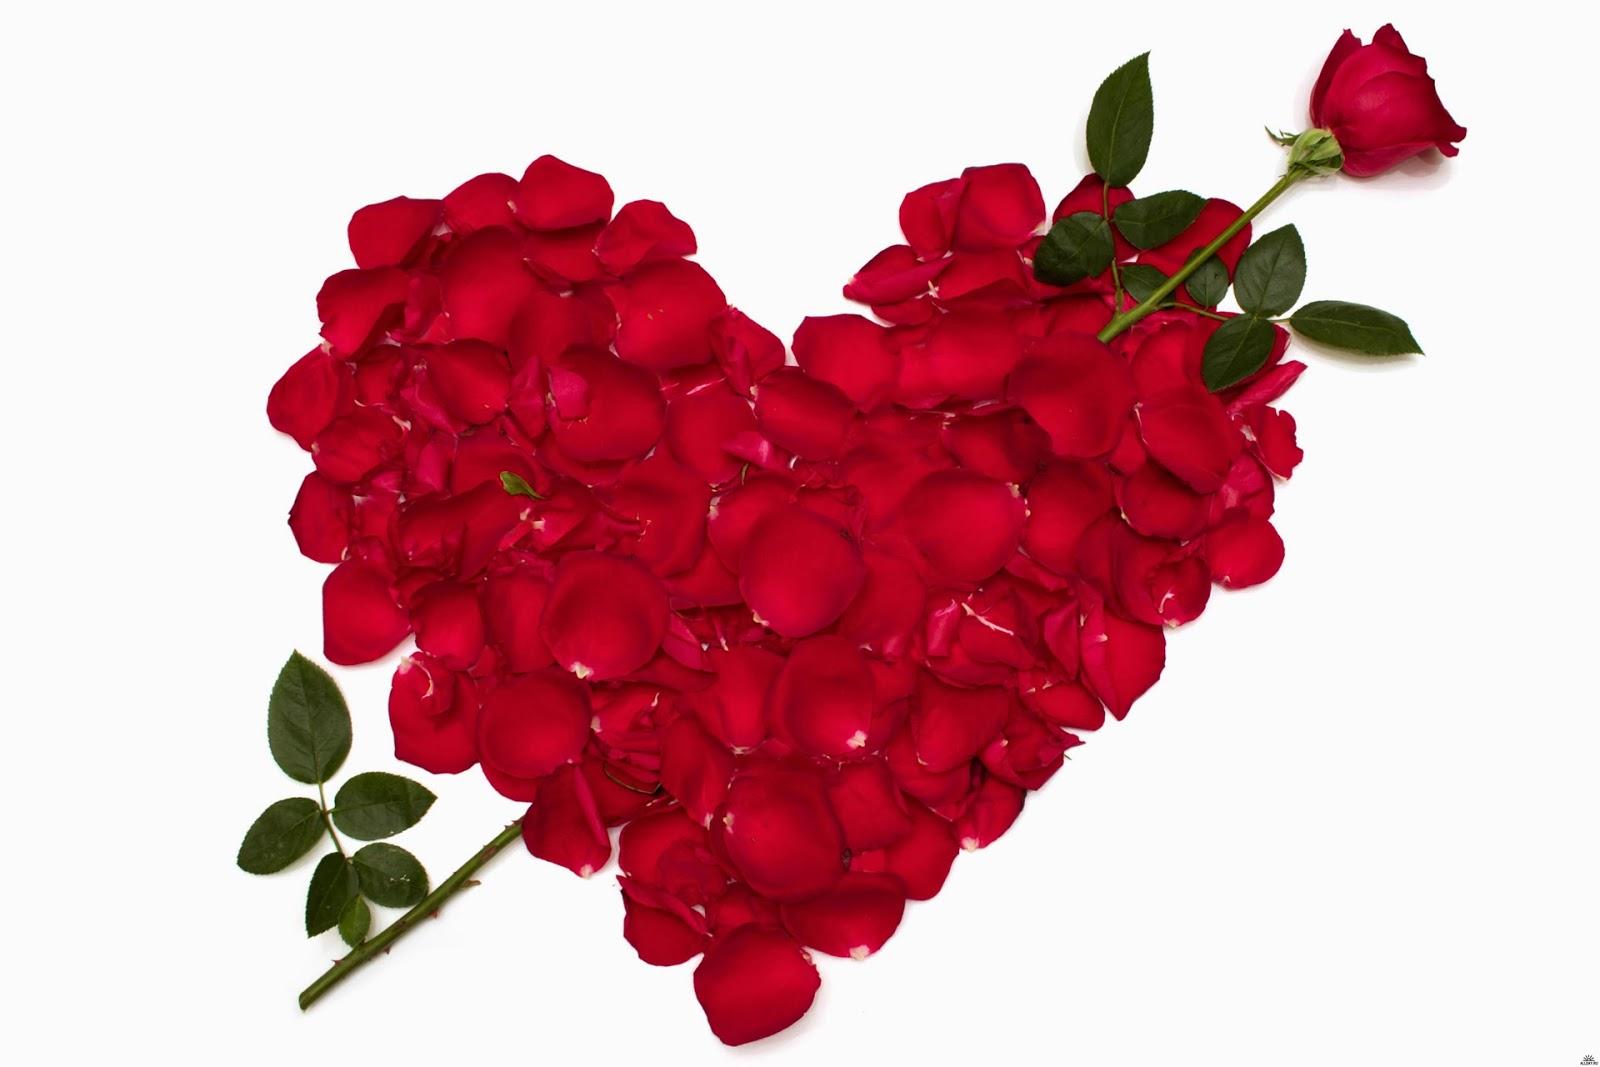 flores, el regalo perfecto para san valentin